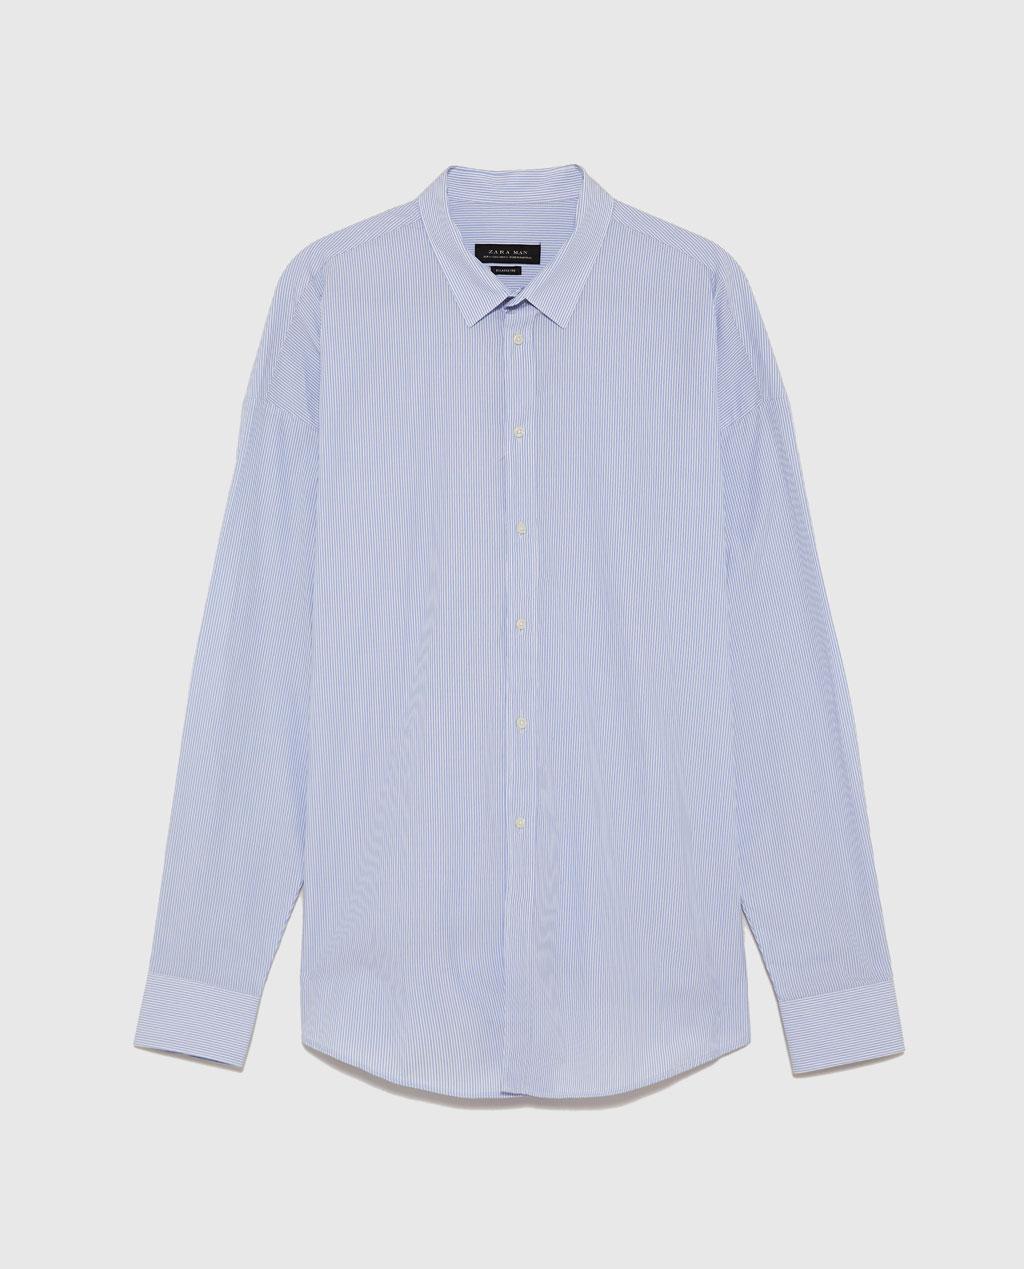 Thời trang nam Zara  24029 - ảnh 10